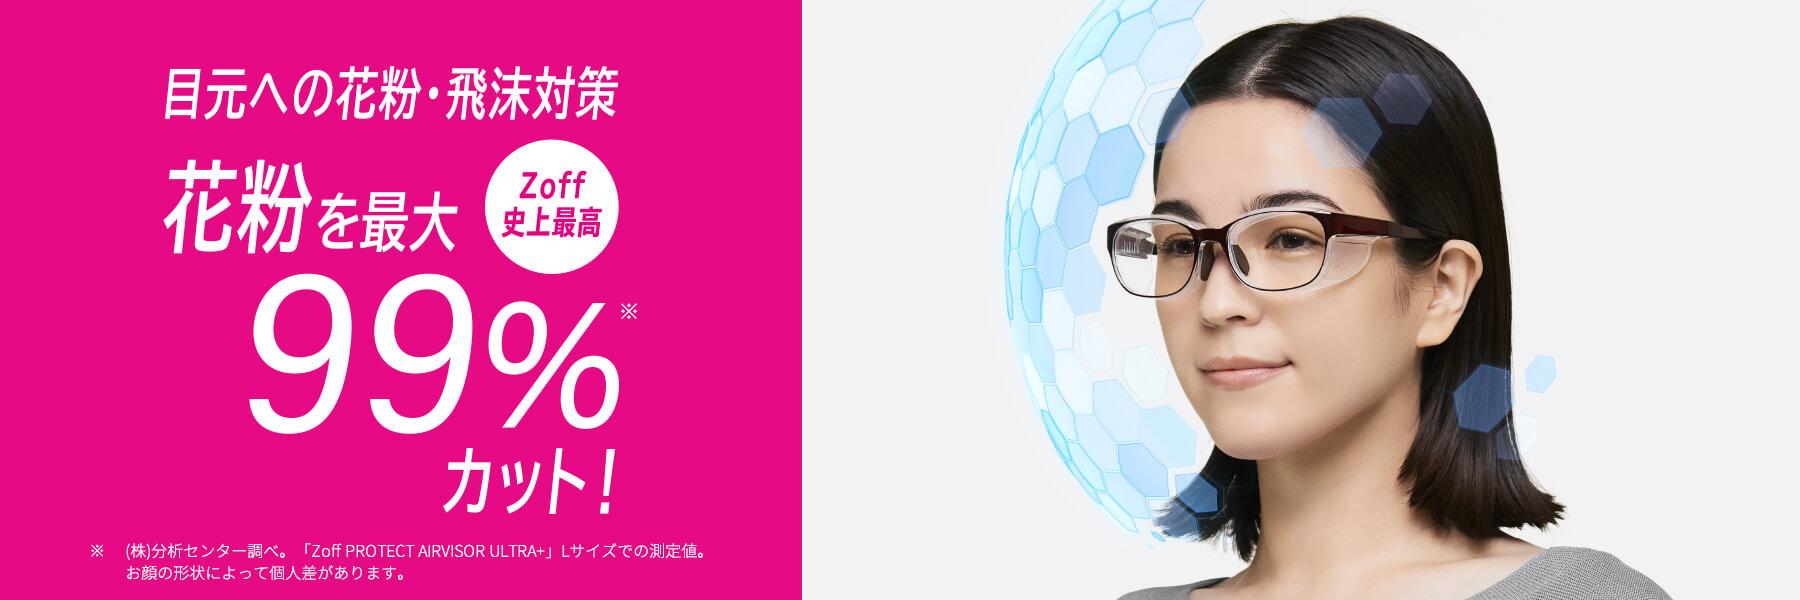 目元への飛沫・花粉対策 Zoff PROTECT 花粉を最大約98%カット!マスクをしても安心のくもり止めレンズ搭載。度なしタイプ¥3,300(税込)